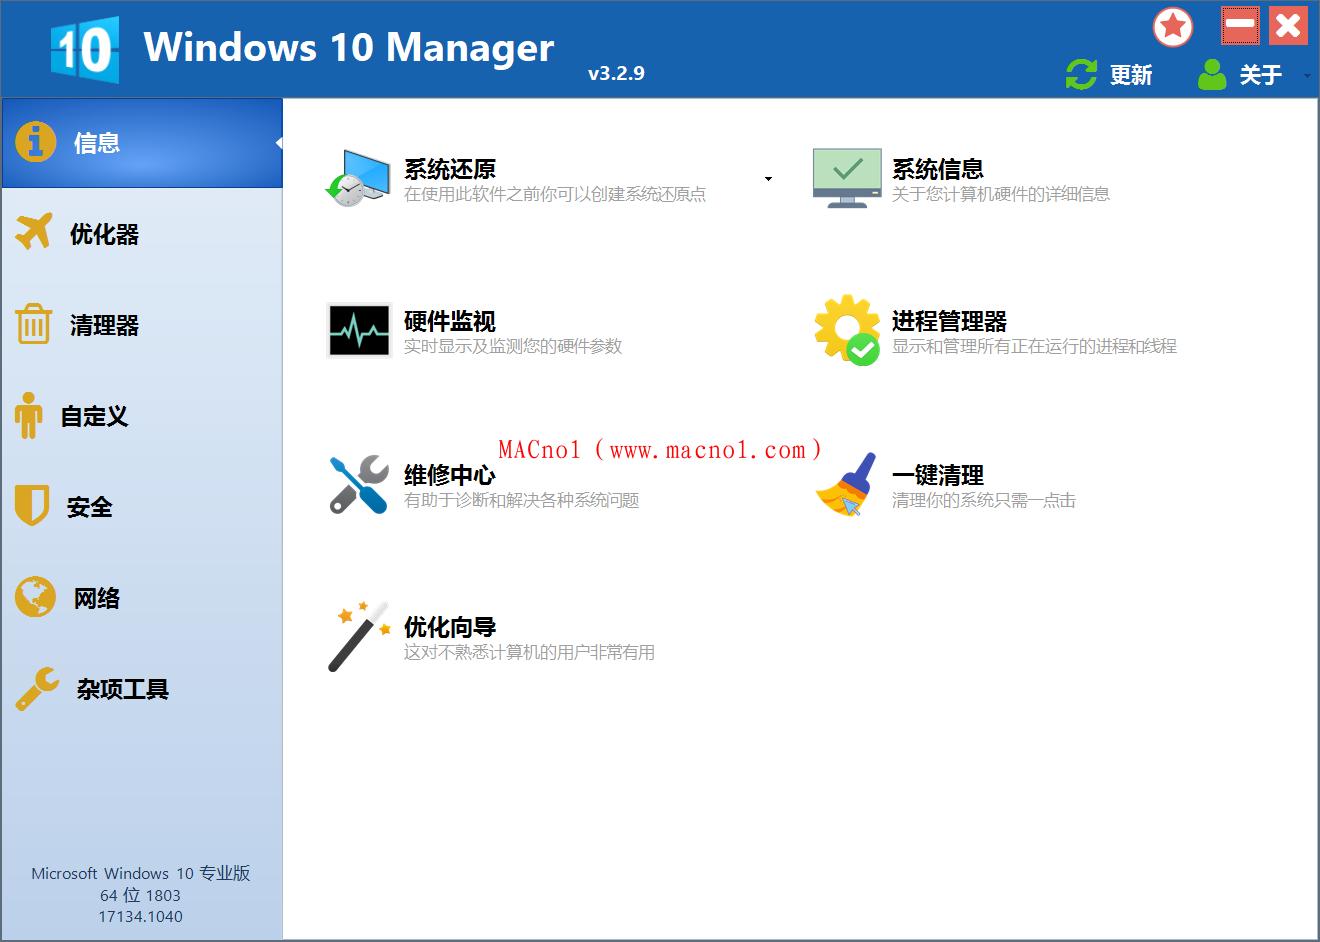 系统优化软件 Windows 10 Manager v3.2.9 中文绿色破解版(附注册机)